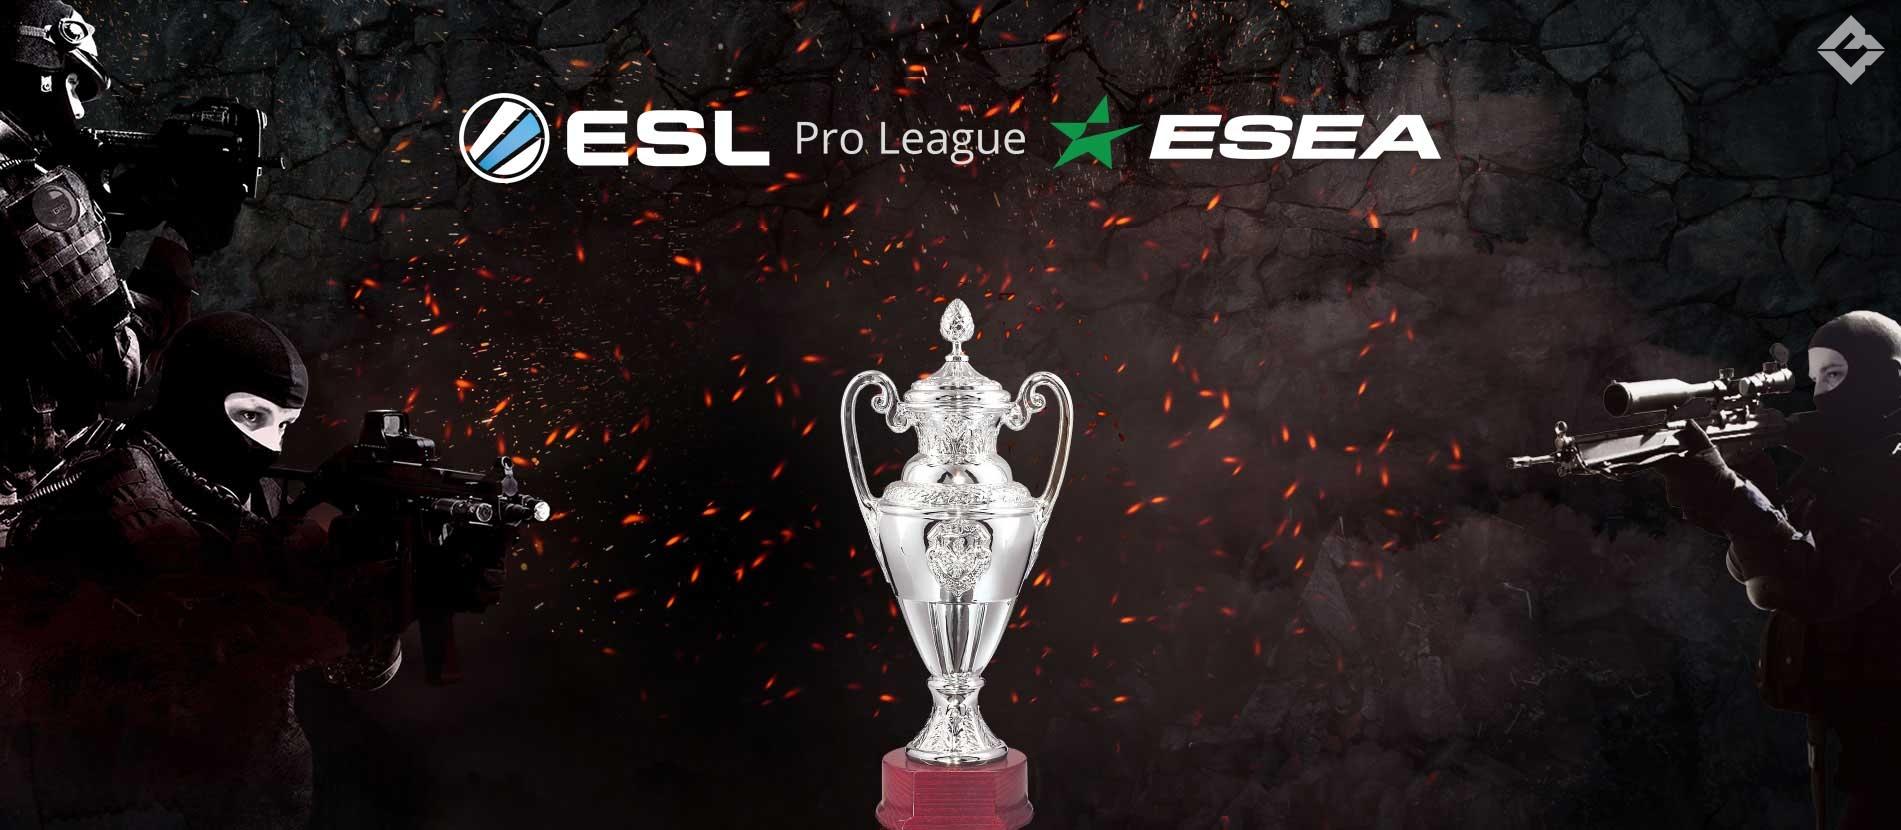 ESL ESEA pro league 2 season